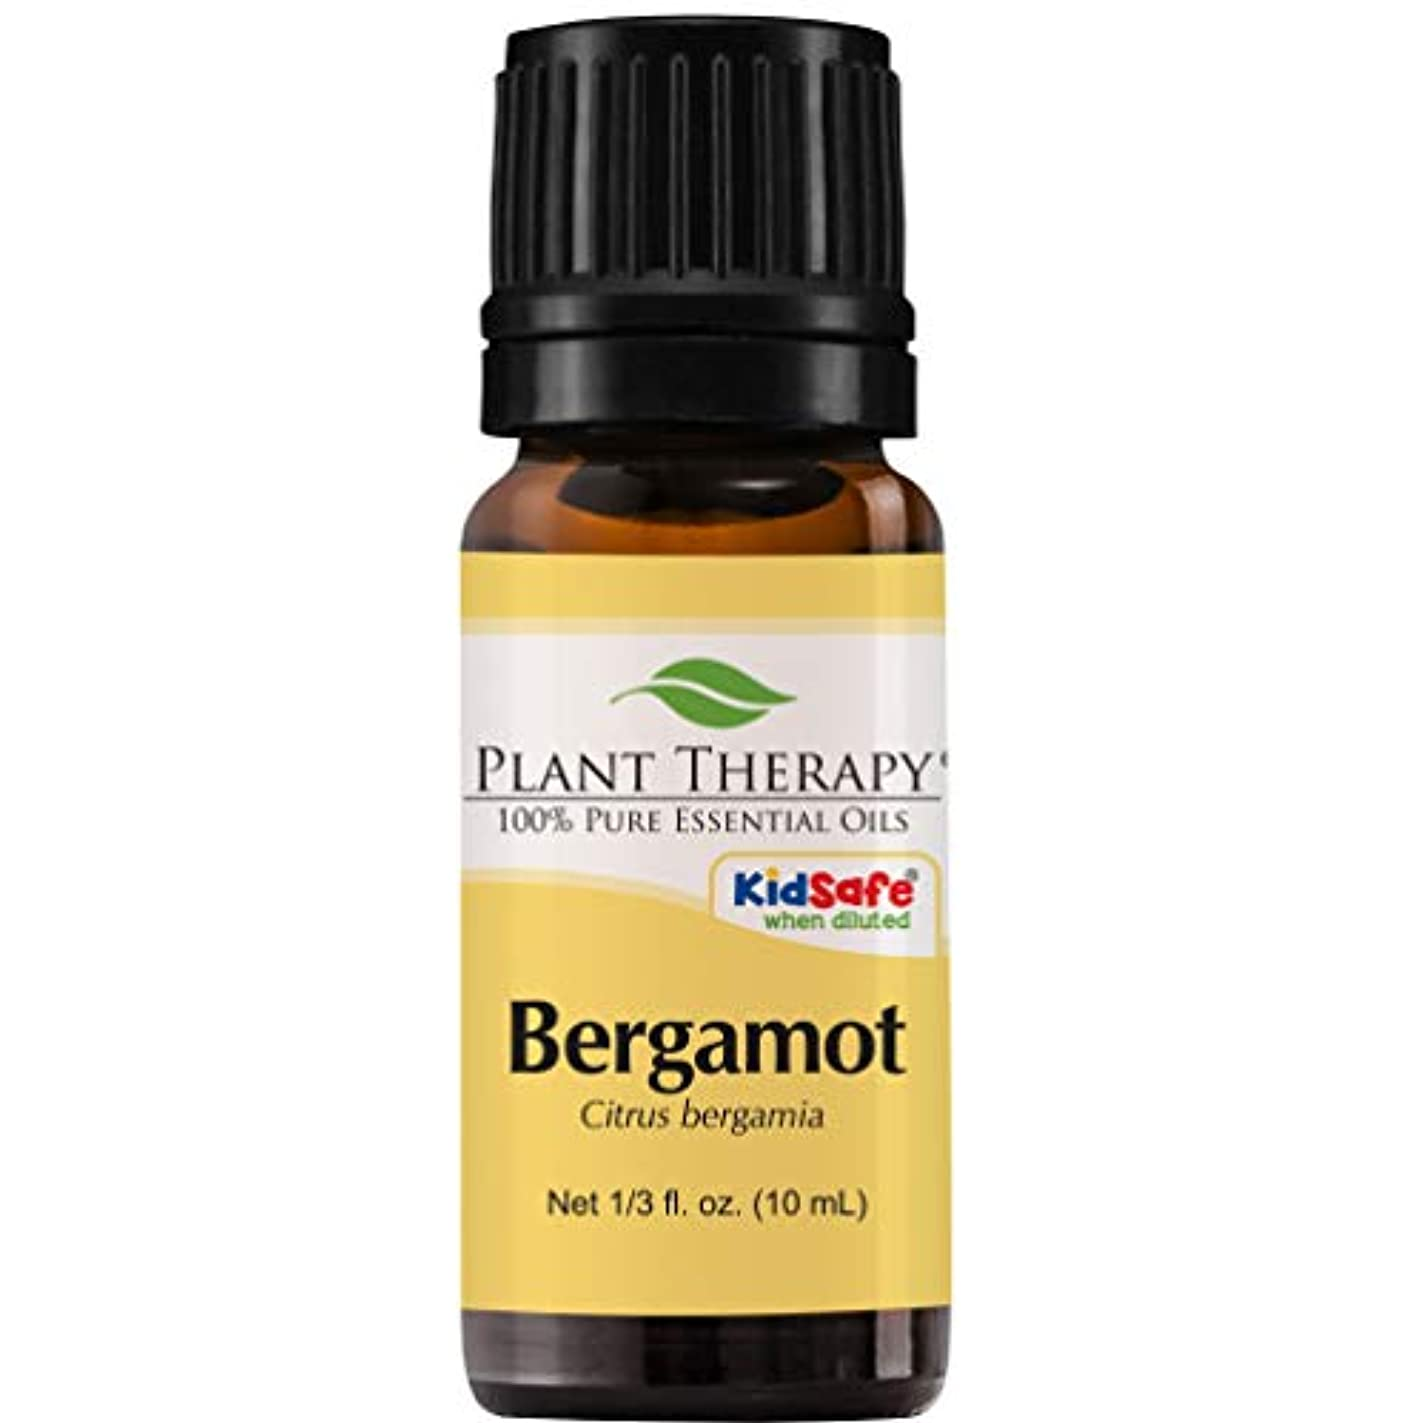 顕微鏡拷問サーキットに行くPlant Therapy Essential Oils (プラントセラピー エッセンシャルオイル) ベルガモット エッセンシャルオイル